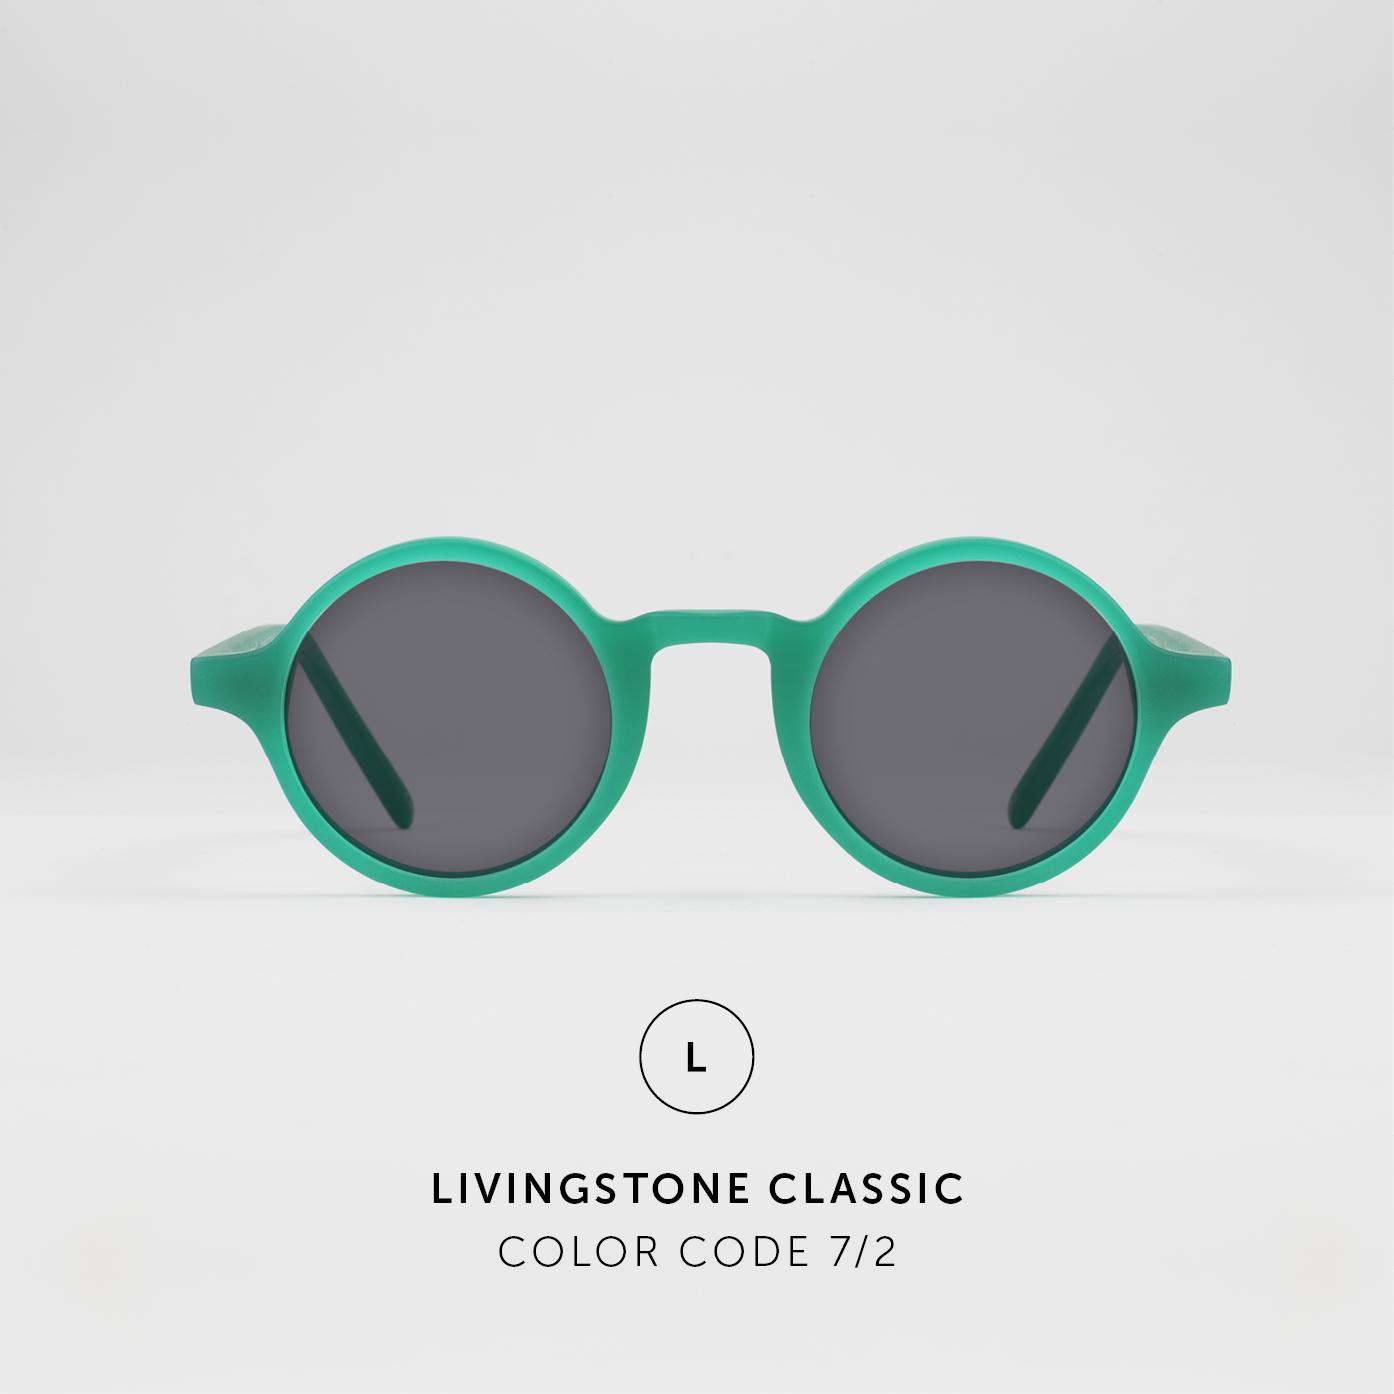 LivingstoneClassic38.jpg